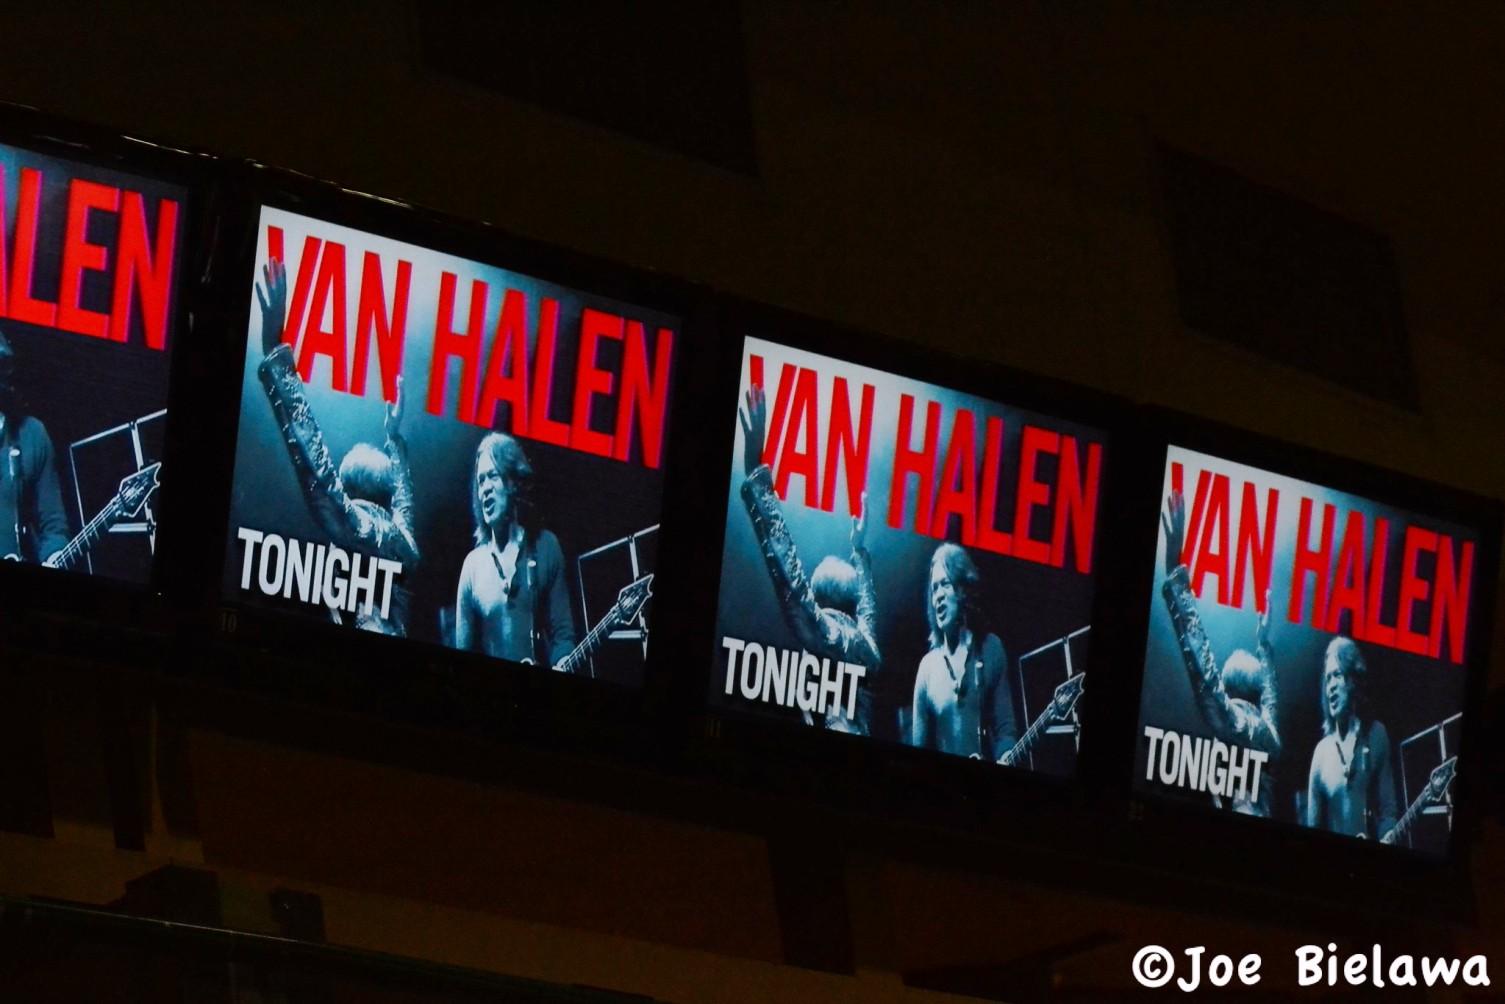 Eddie Van Halen 1955-2020: The Ultimate Rock Star